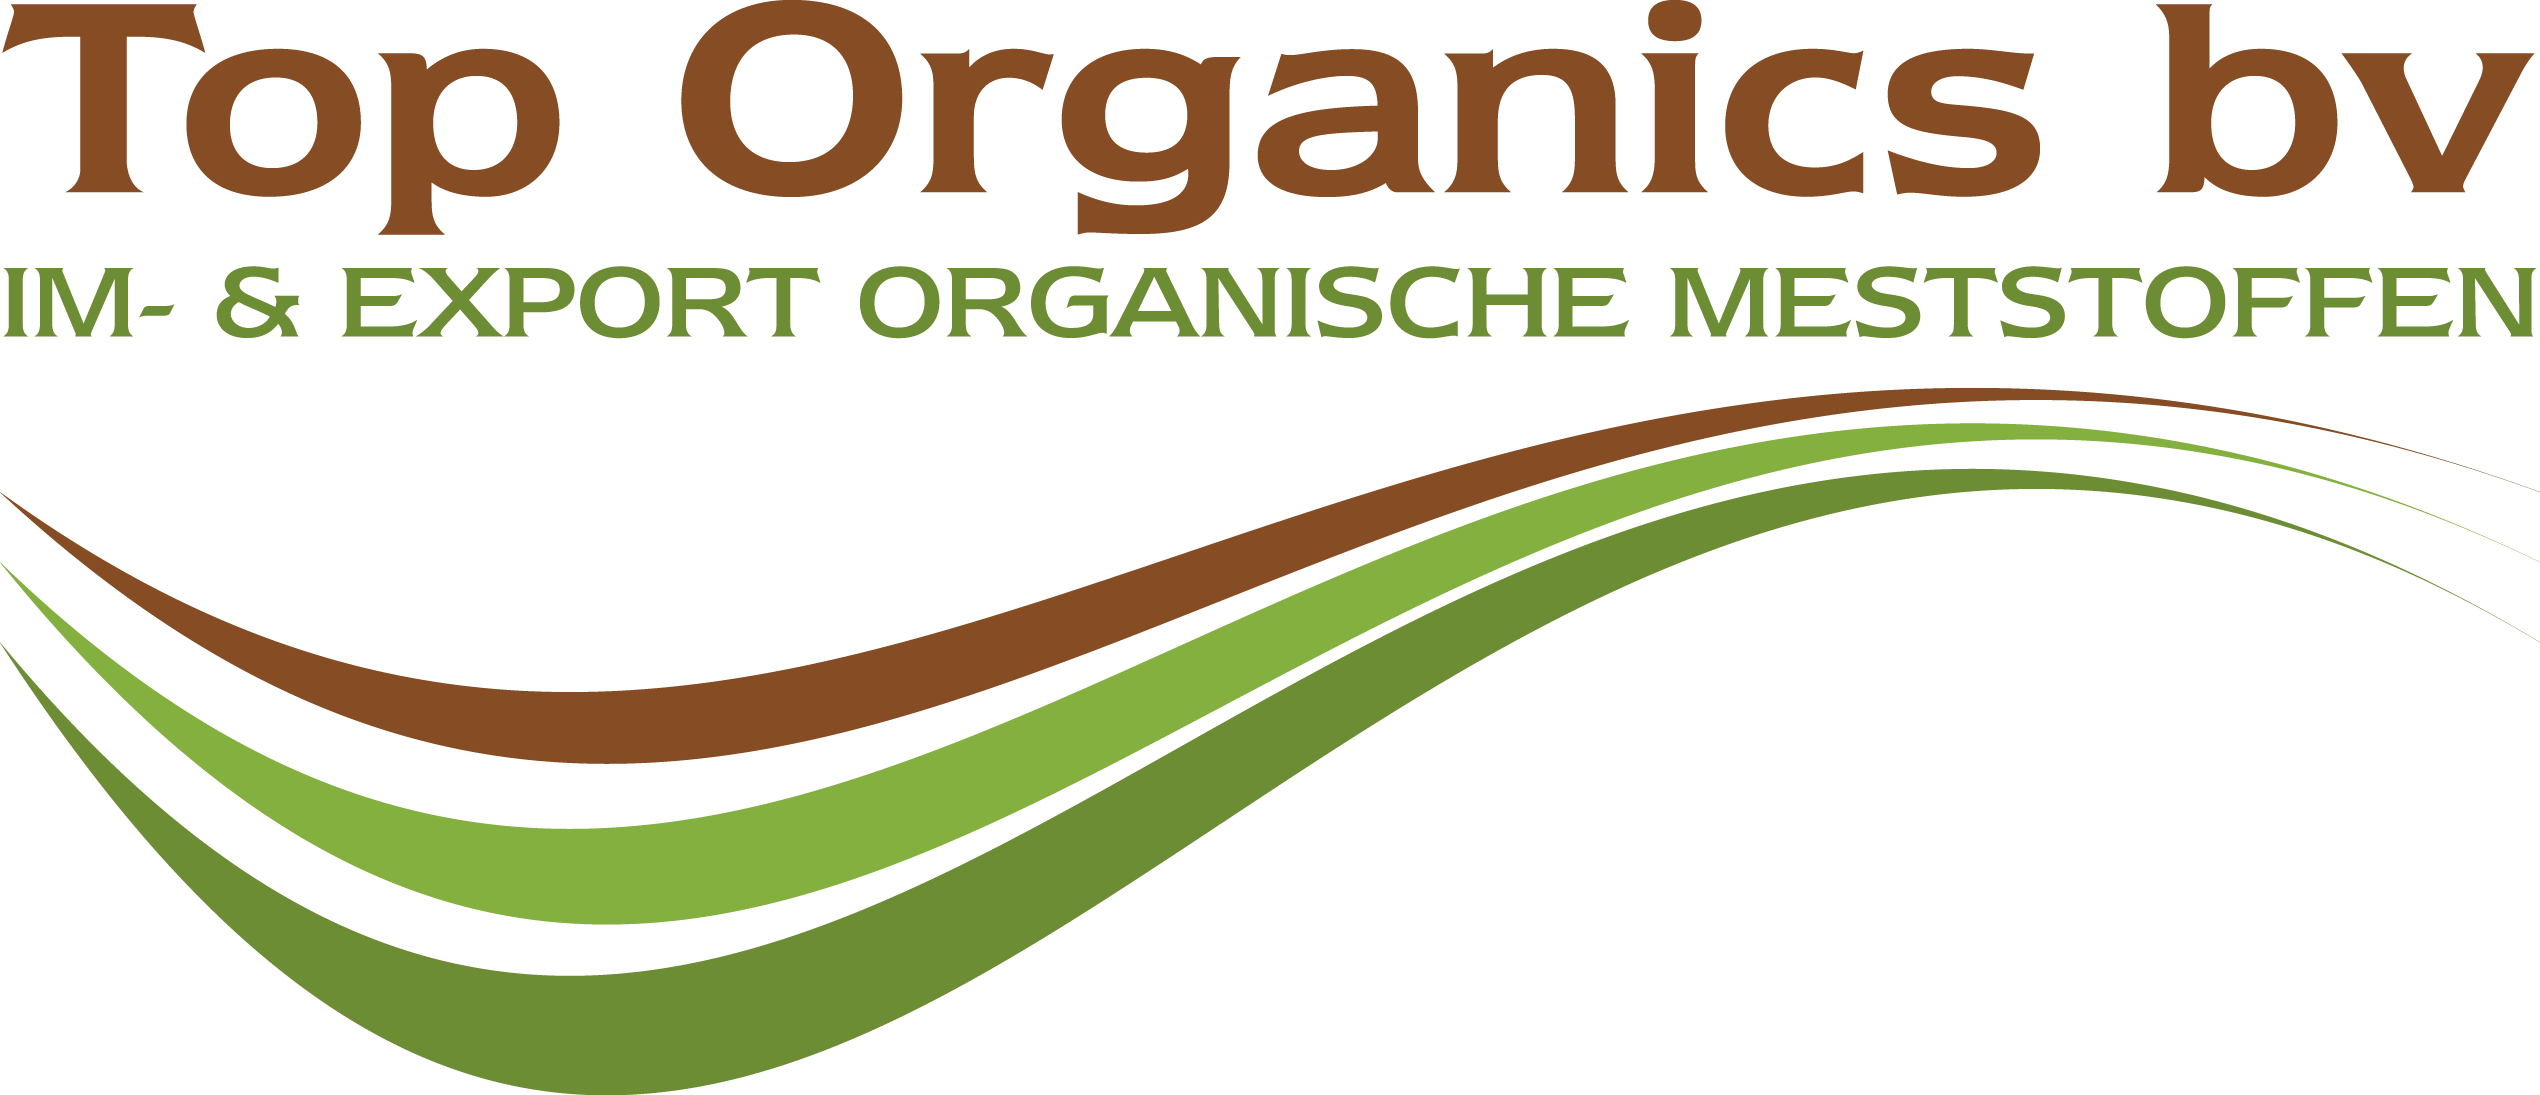 Top Organics